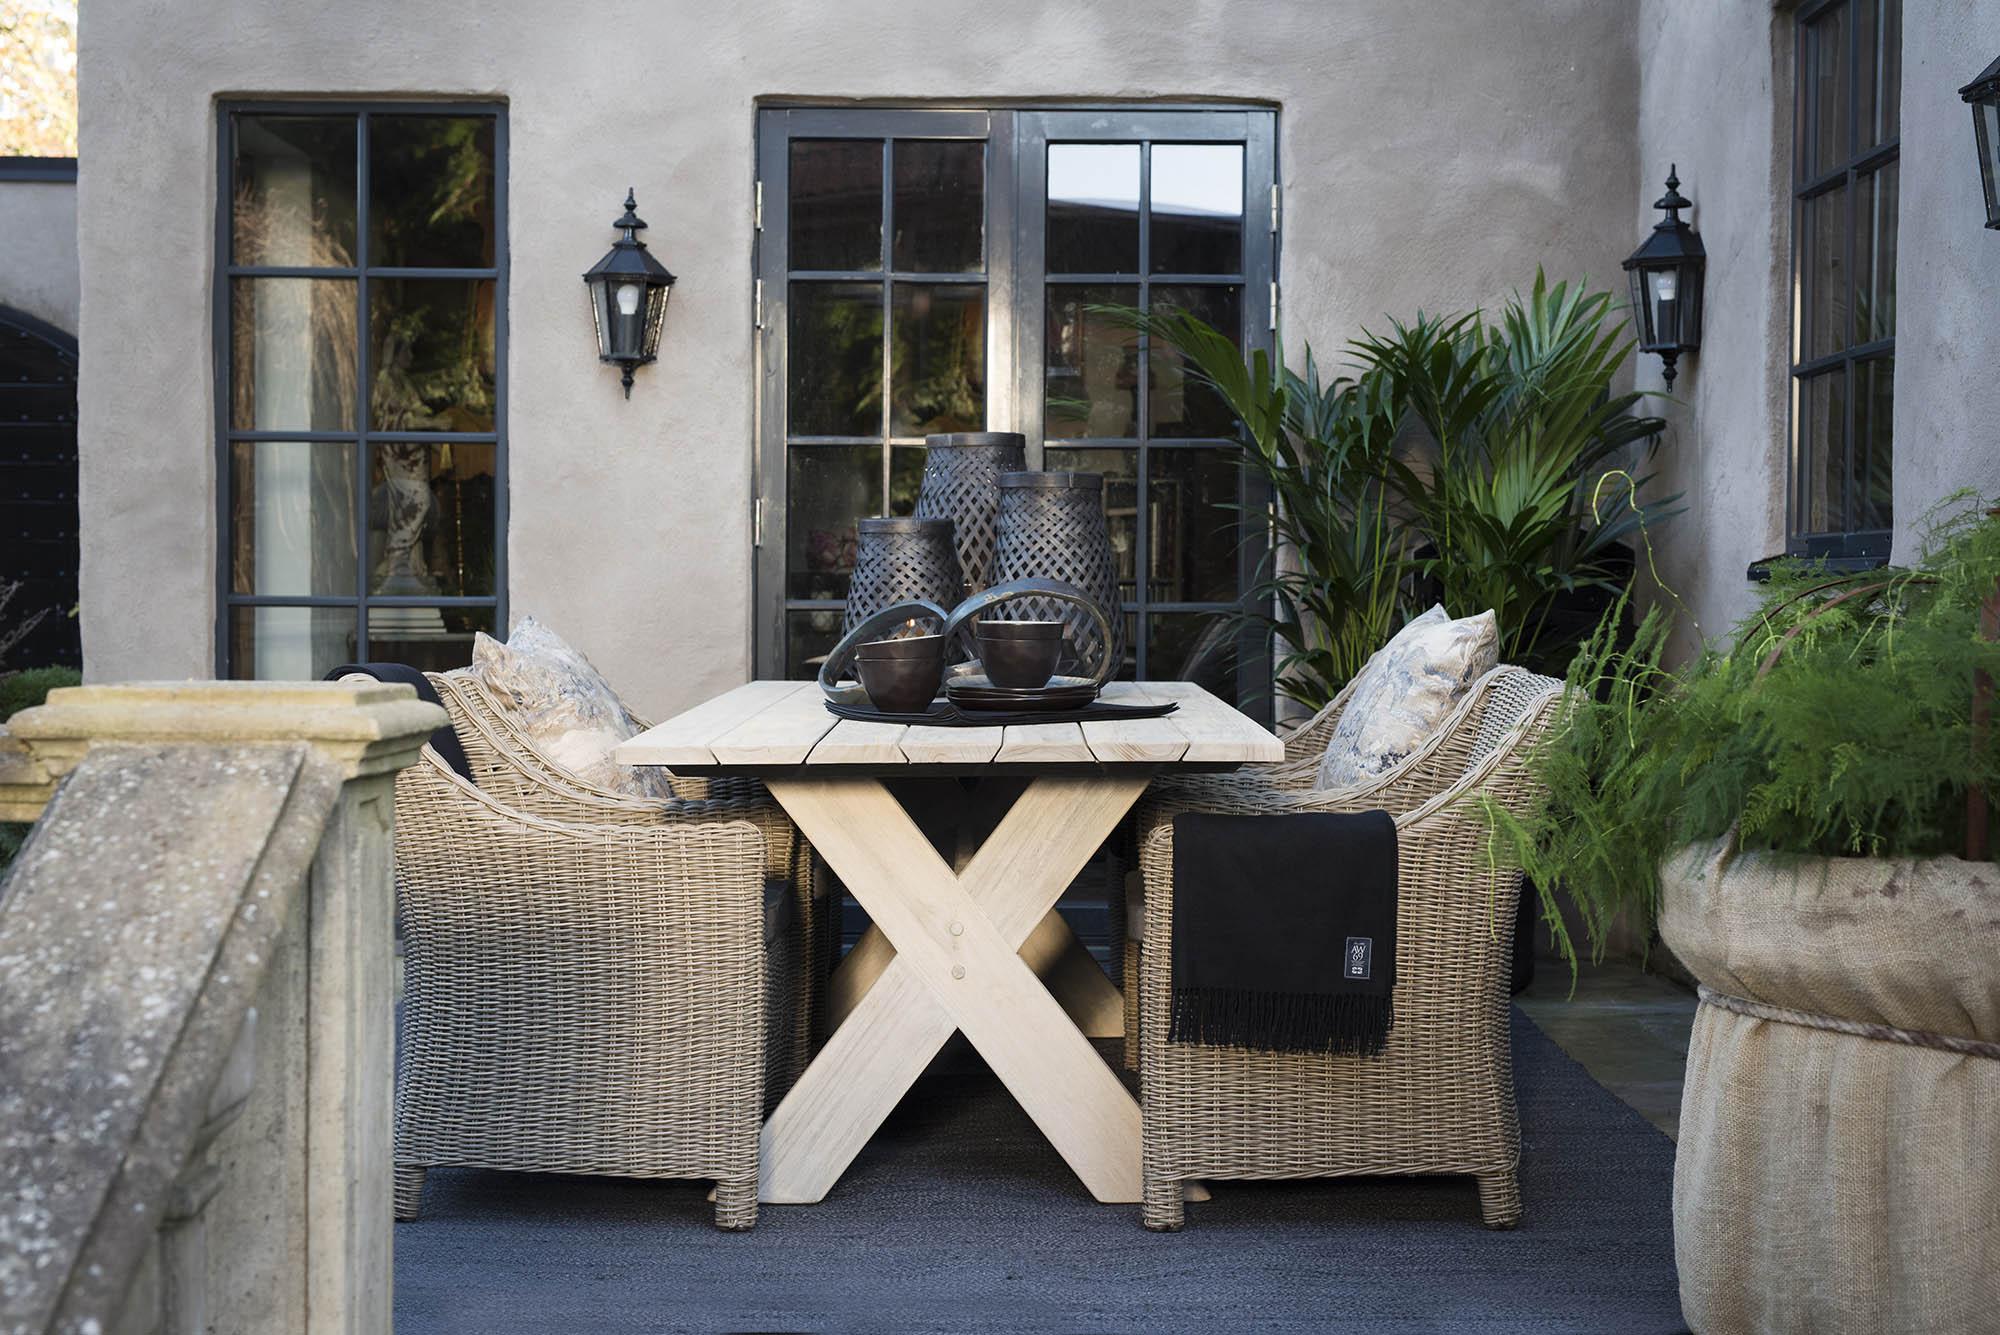 Cross matbord tillsammans med San Diego karmstolar i konstrotting från Artwood.